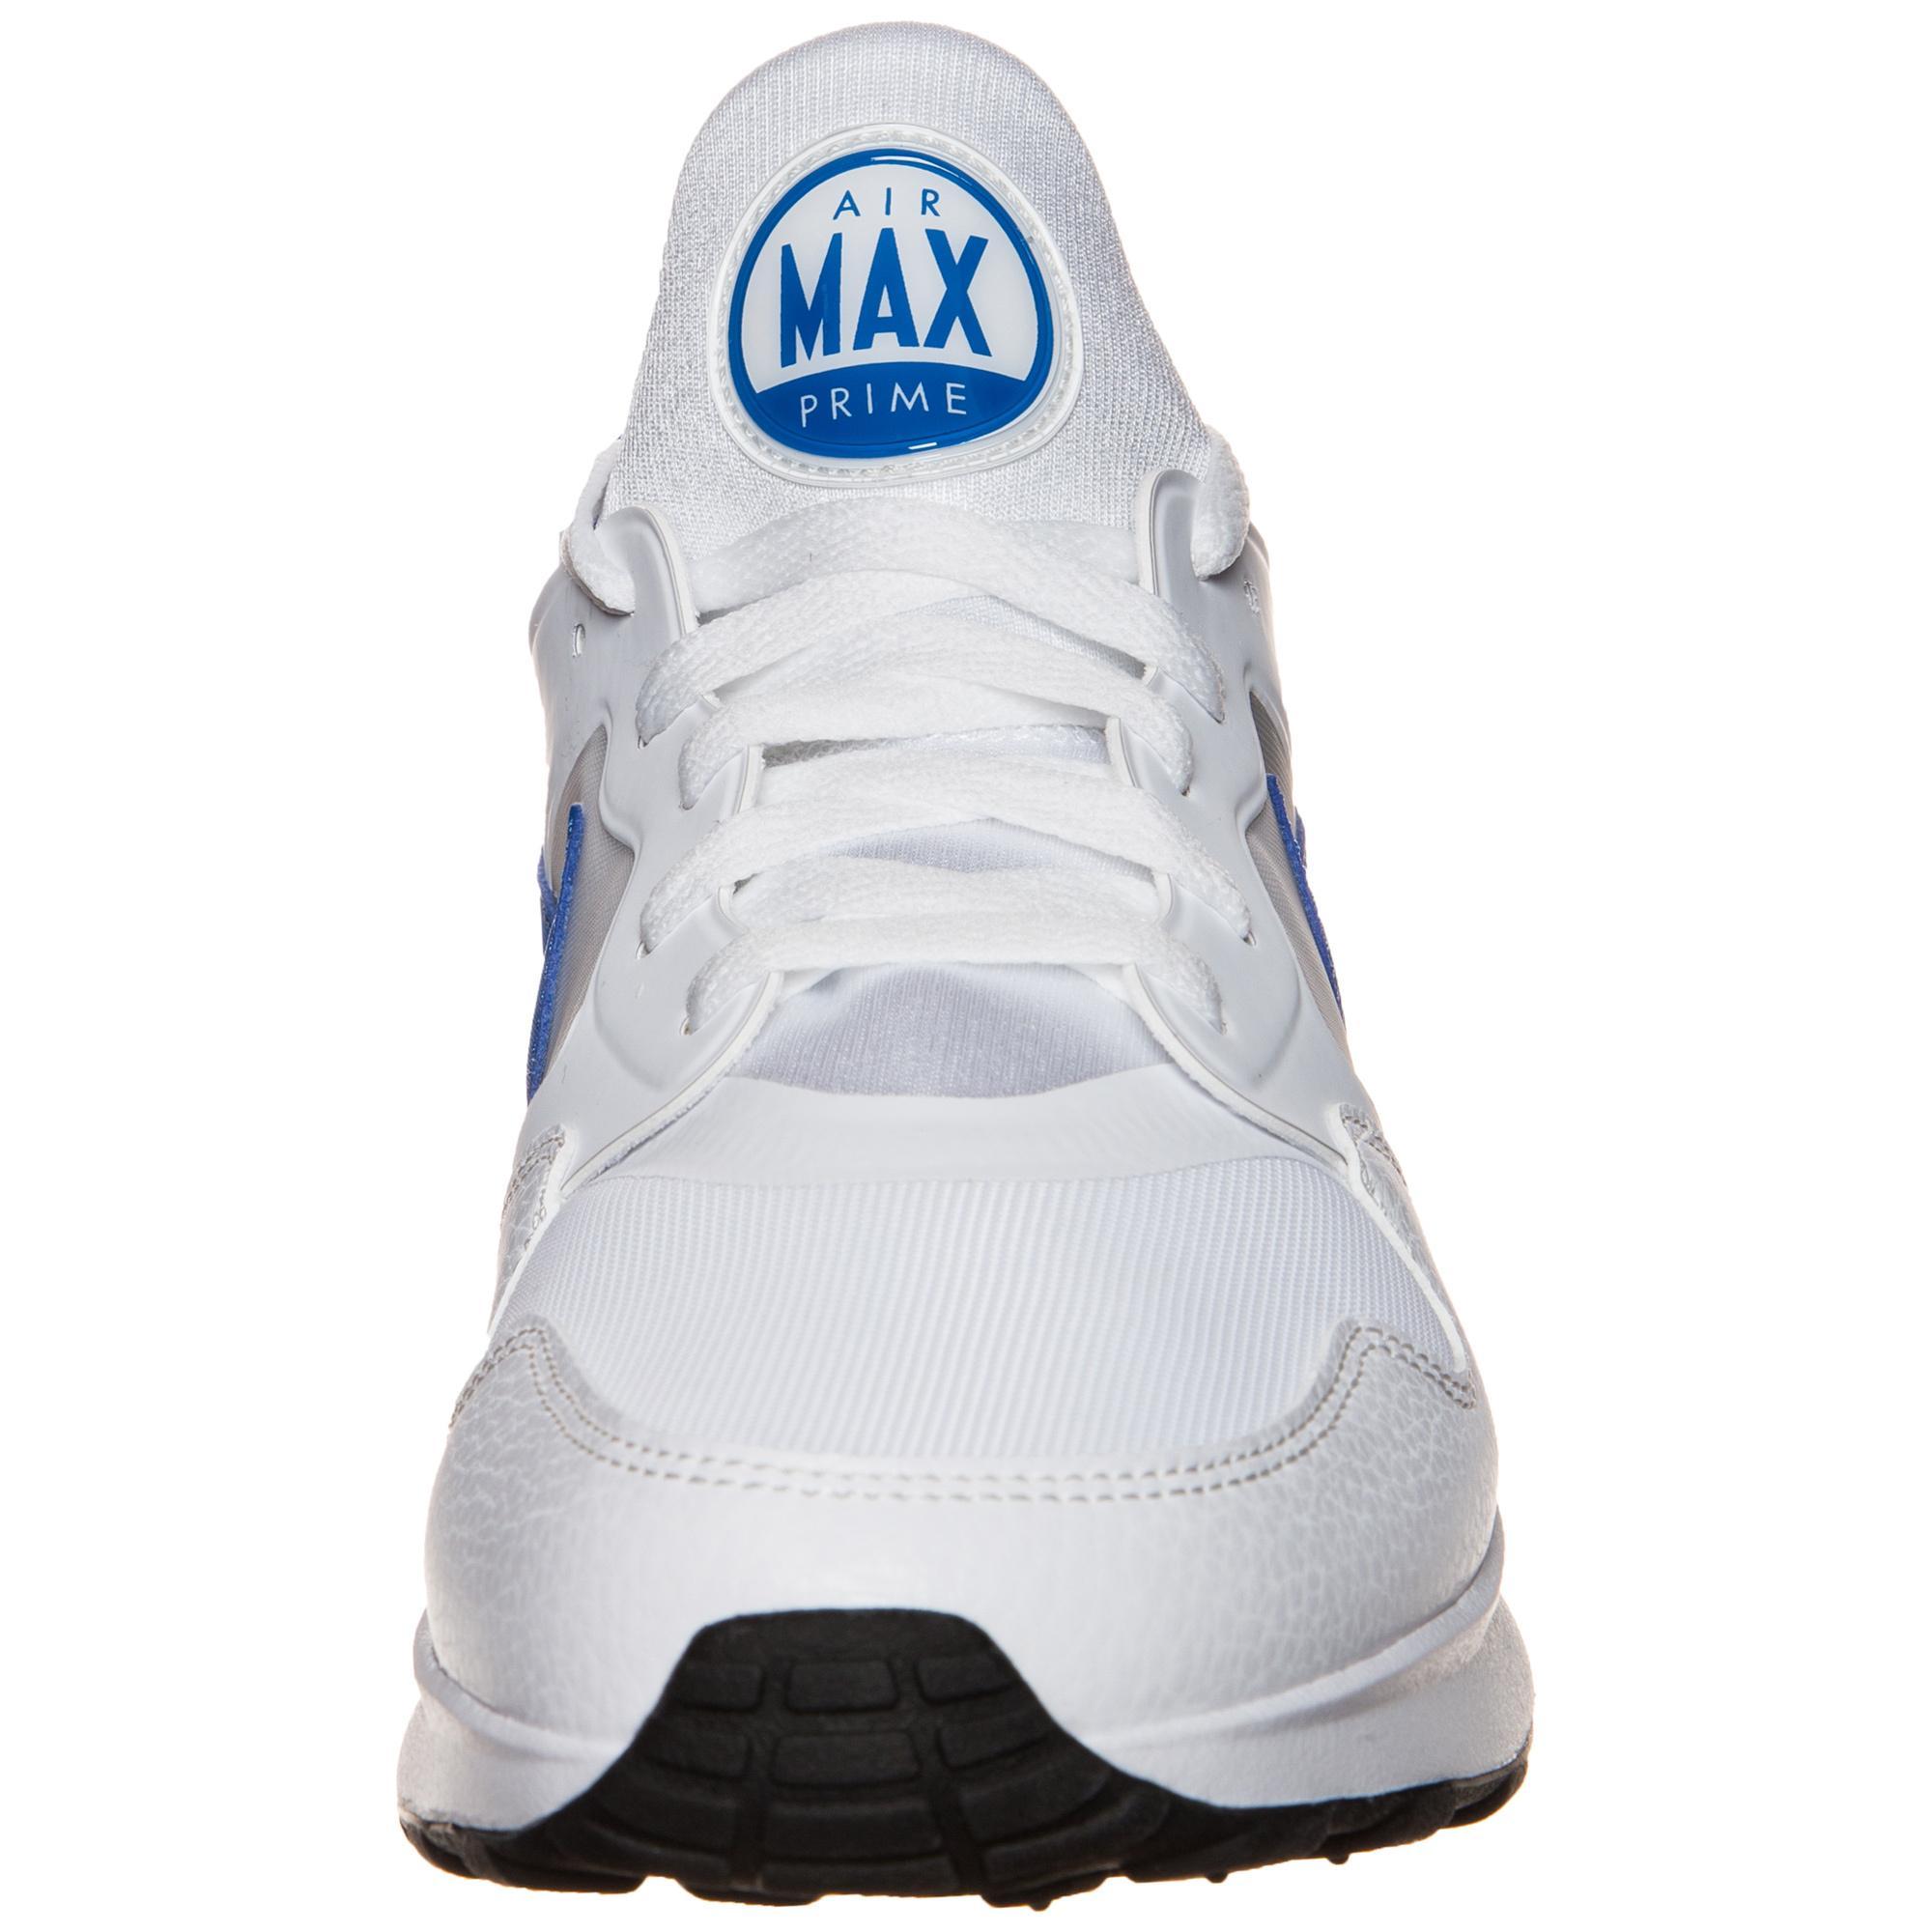 Nike Air Max Prime Sneaker Herren weiß / blau blau blau / grau im Online Shop von SportScheck kaufen Gute Qualität beliebte Schuhe 88c272